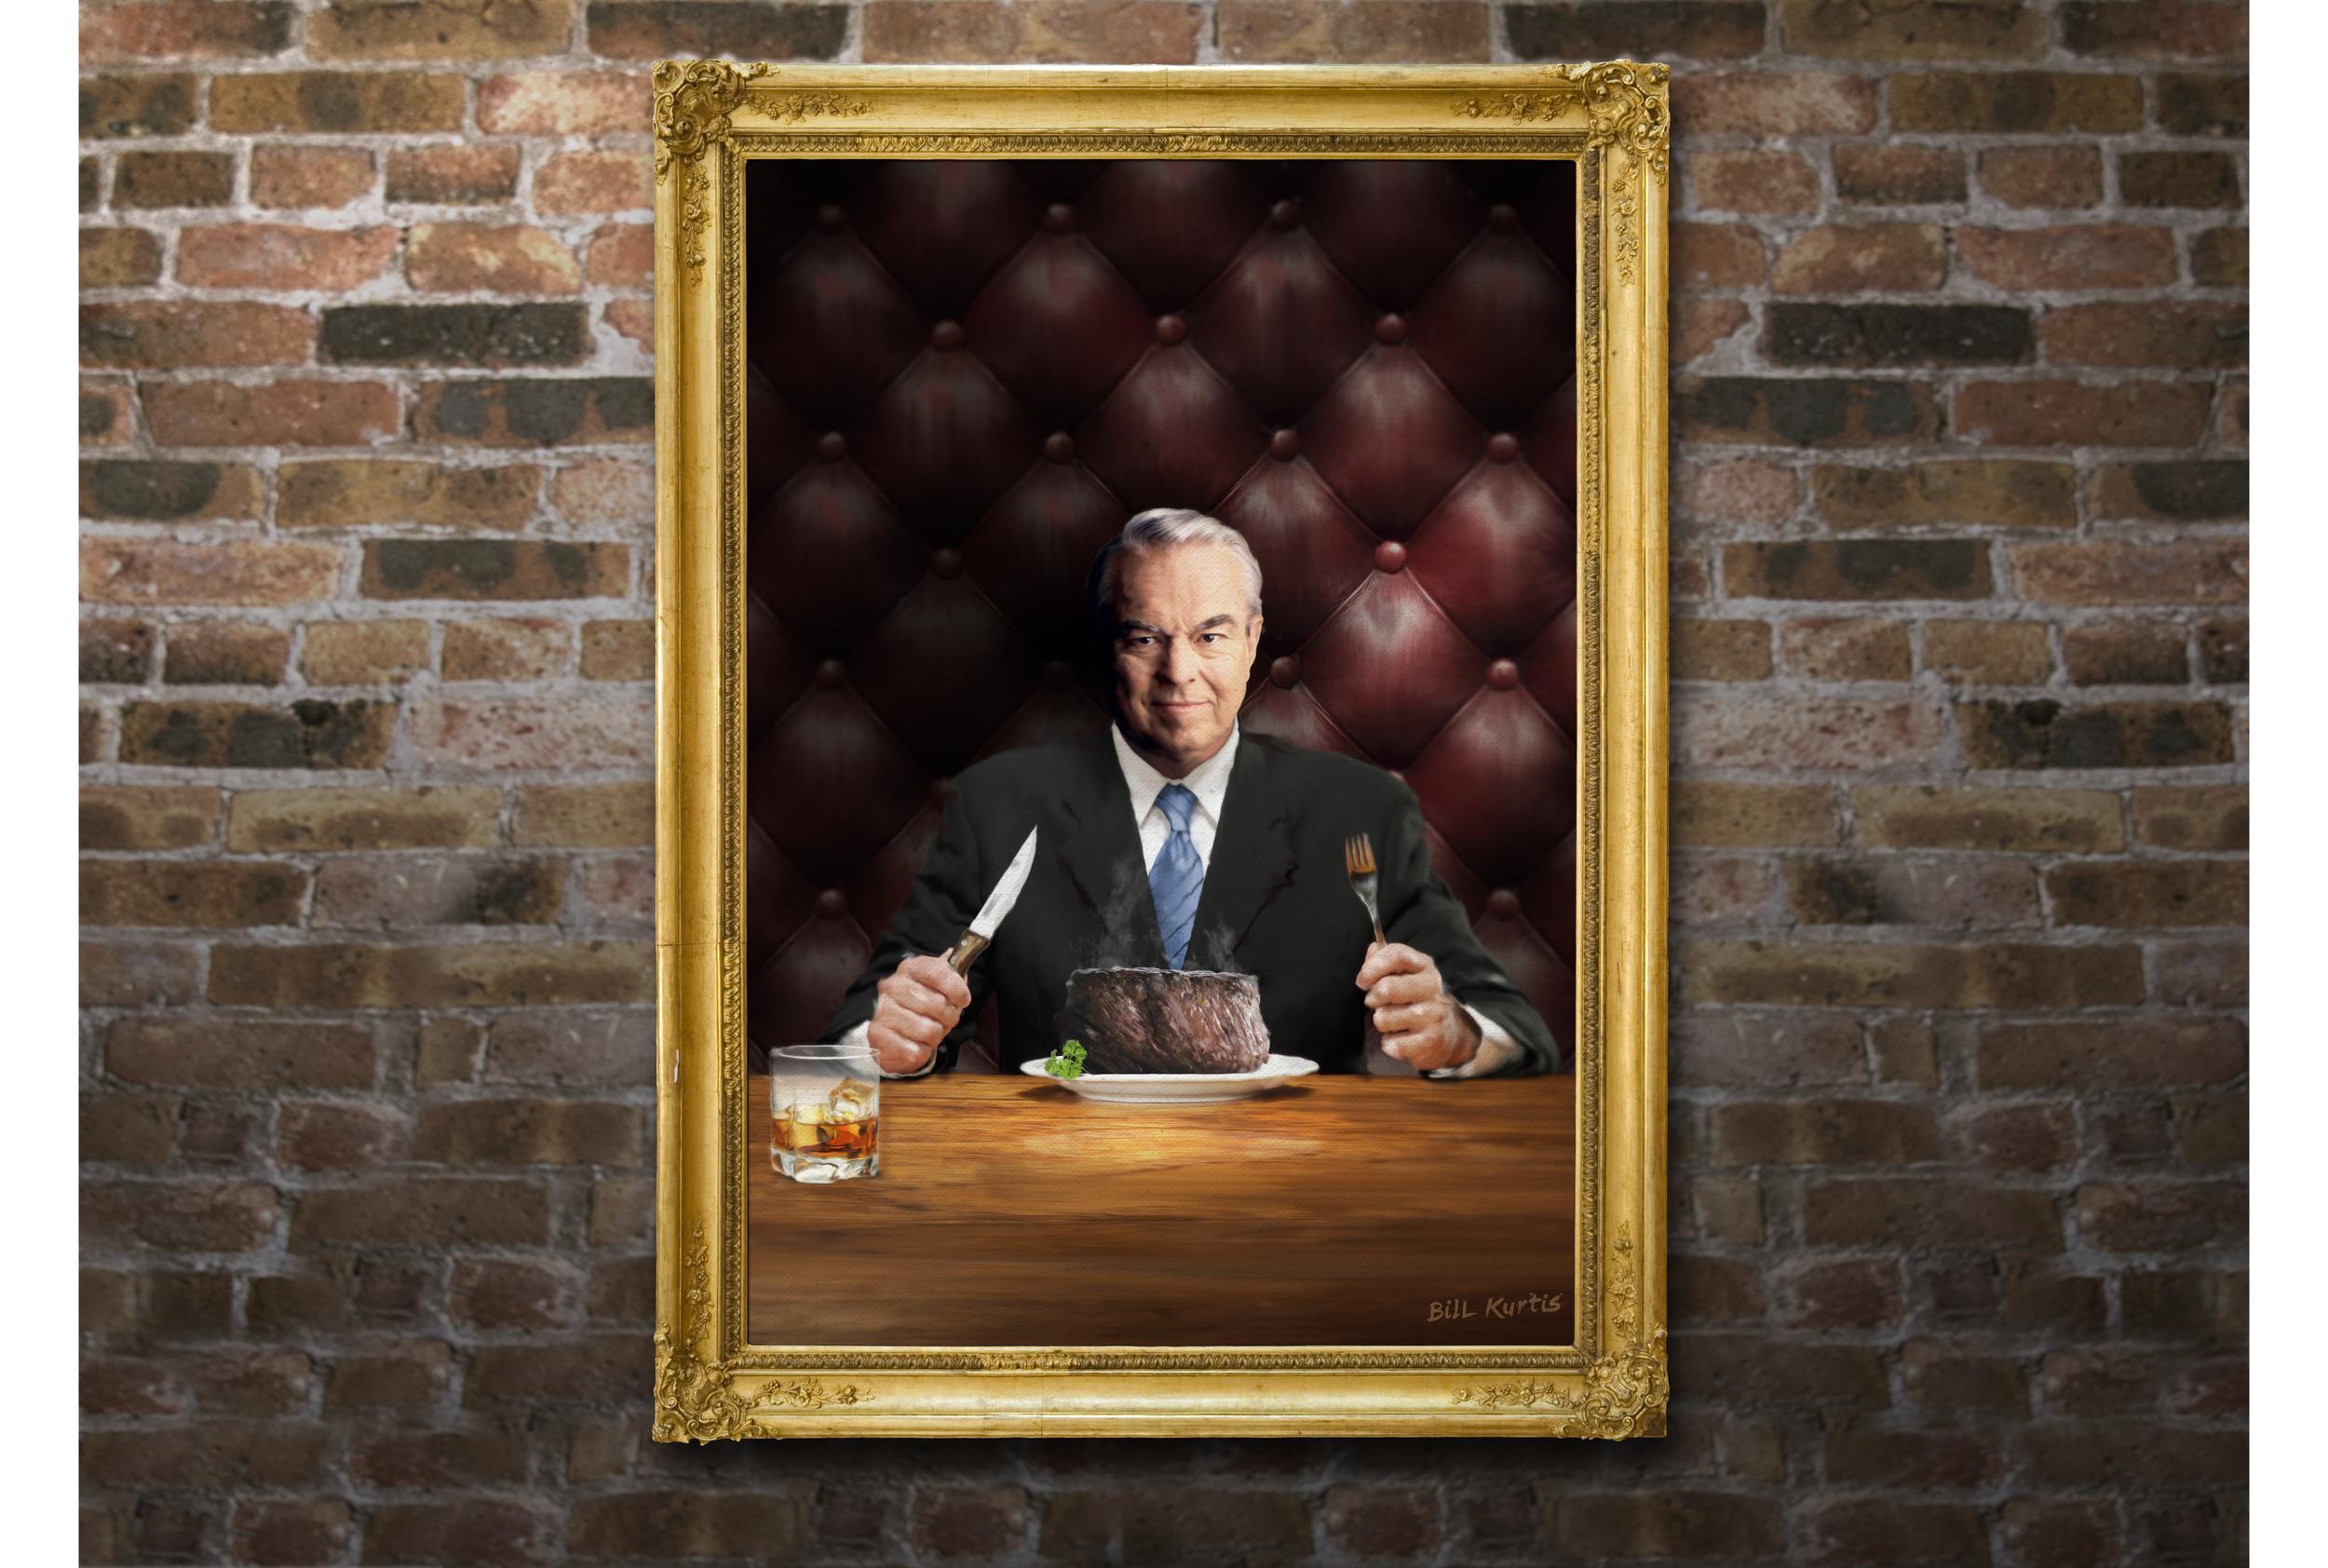 Bill_in_frames_wall_wide2_steak.jpg